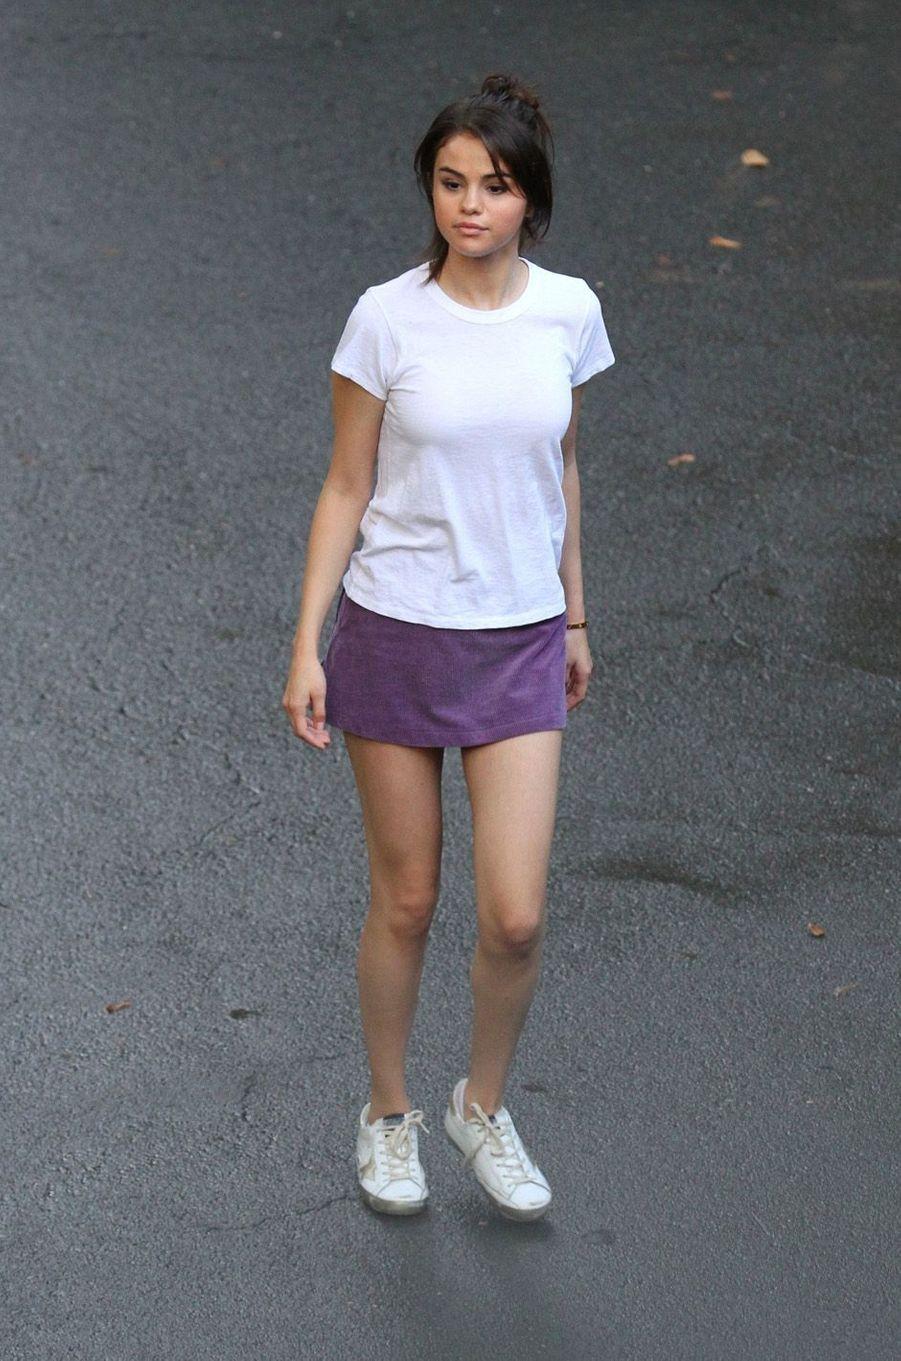 Selena Gomezsur le tournage du nouveau film de Woody Allen, à New York le 26 septembre 2017.